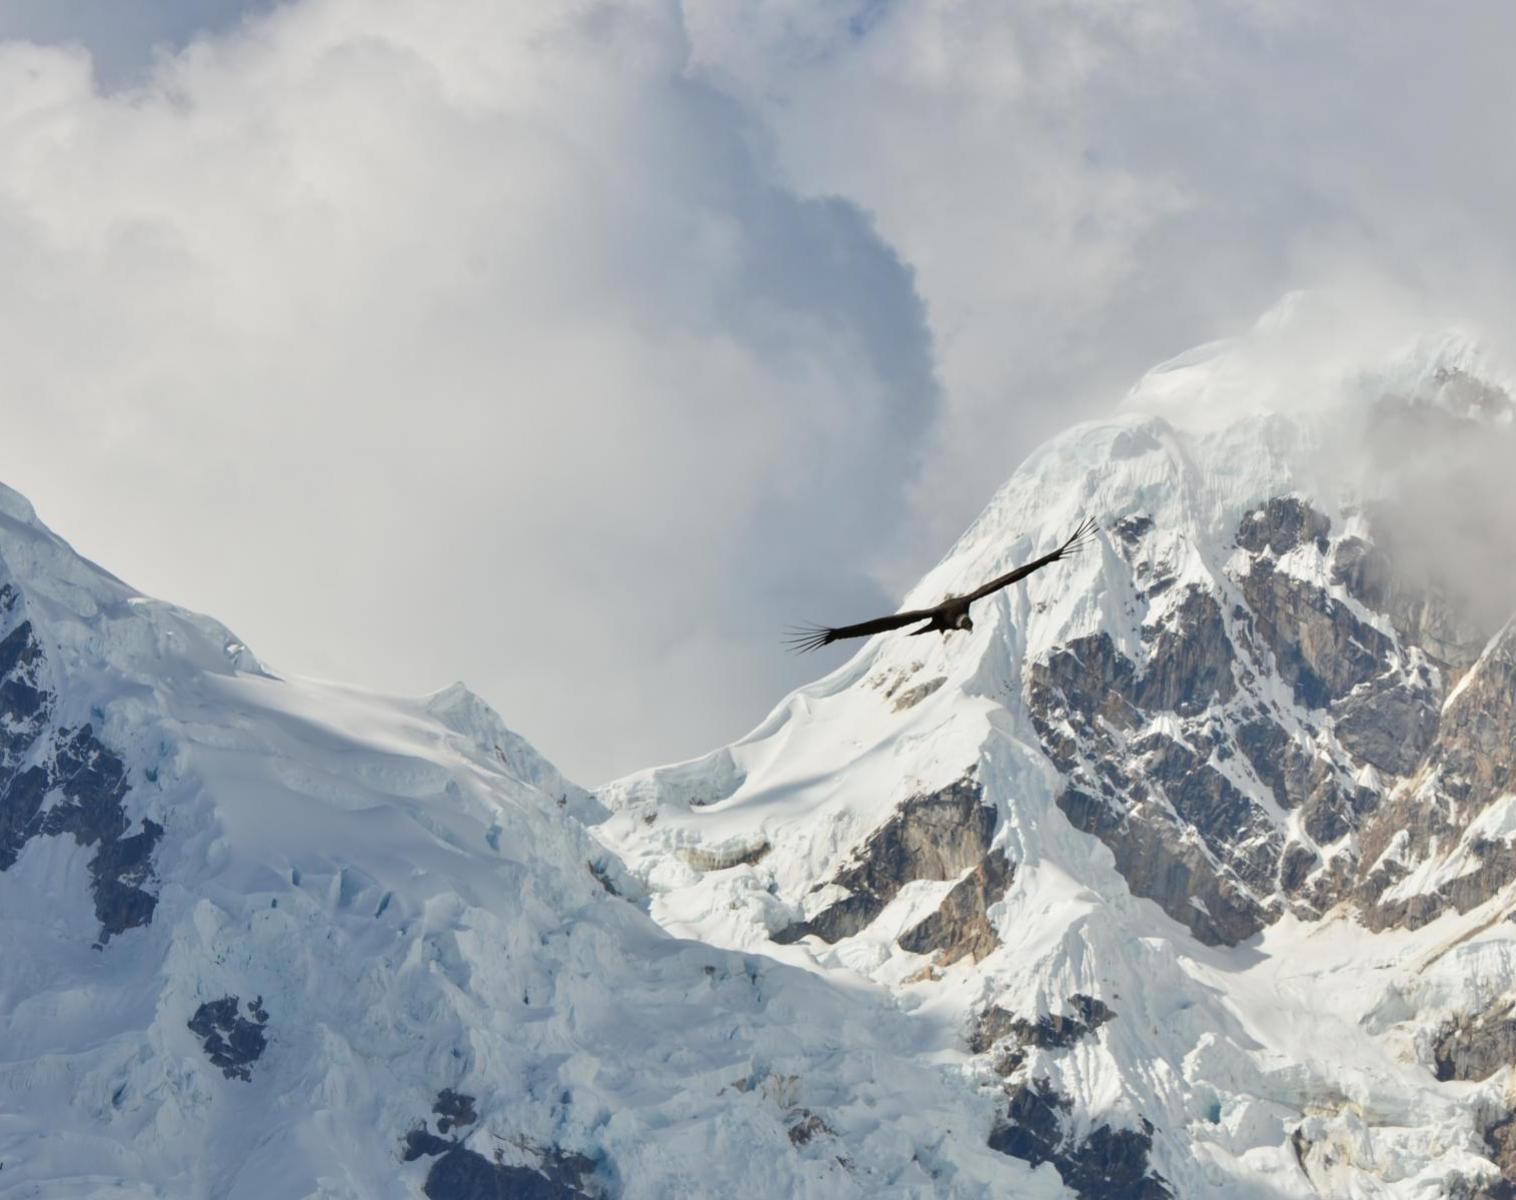 Pérou  Trek de Choquequirao, la voie impériale   Trek & Randonnée Balade nature Rencontres et cultures du Monde